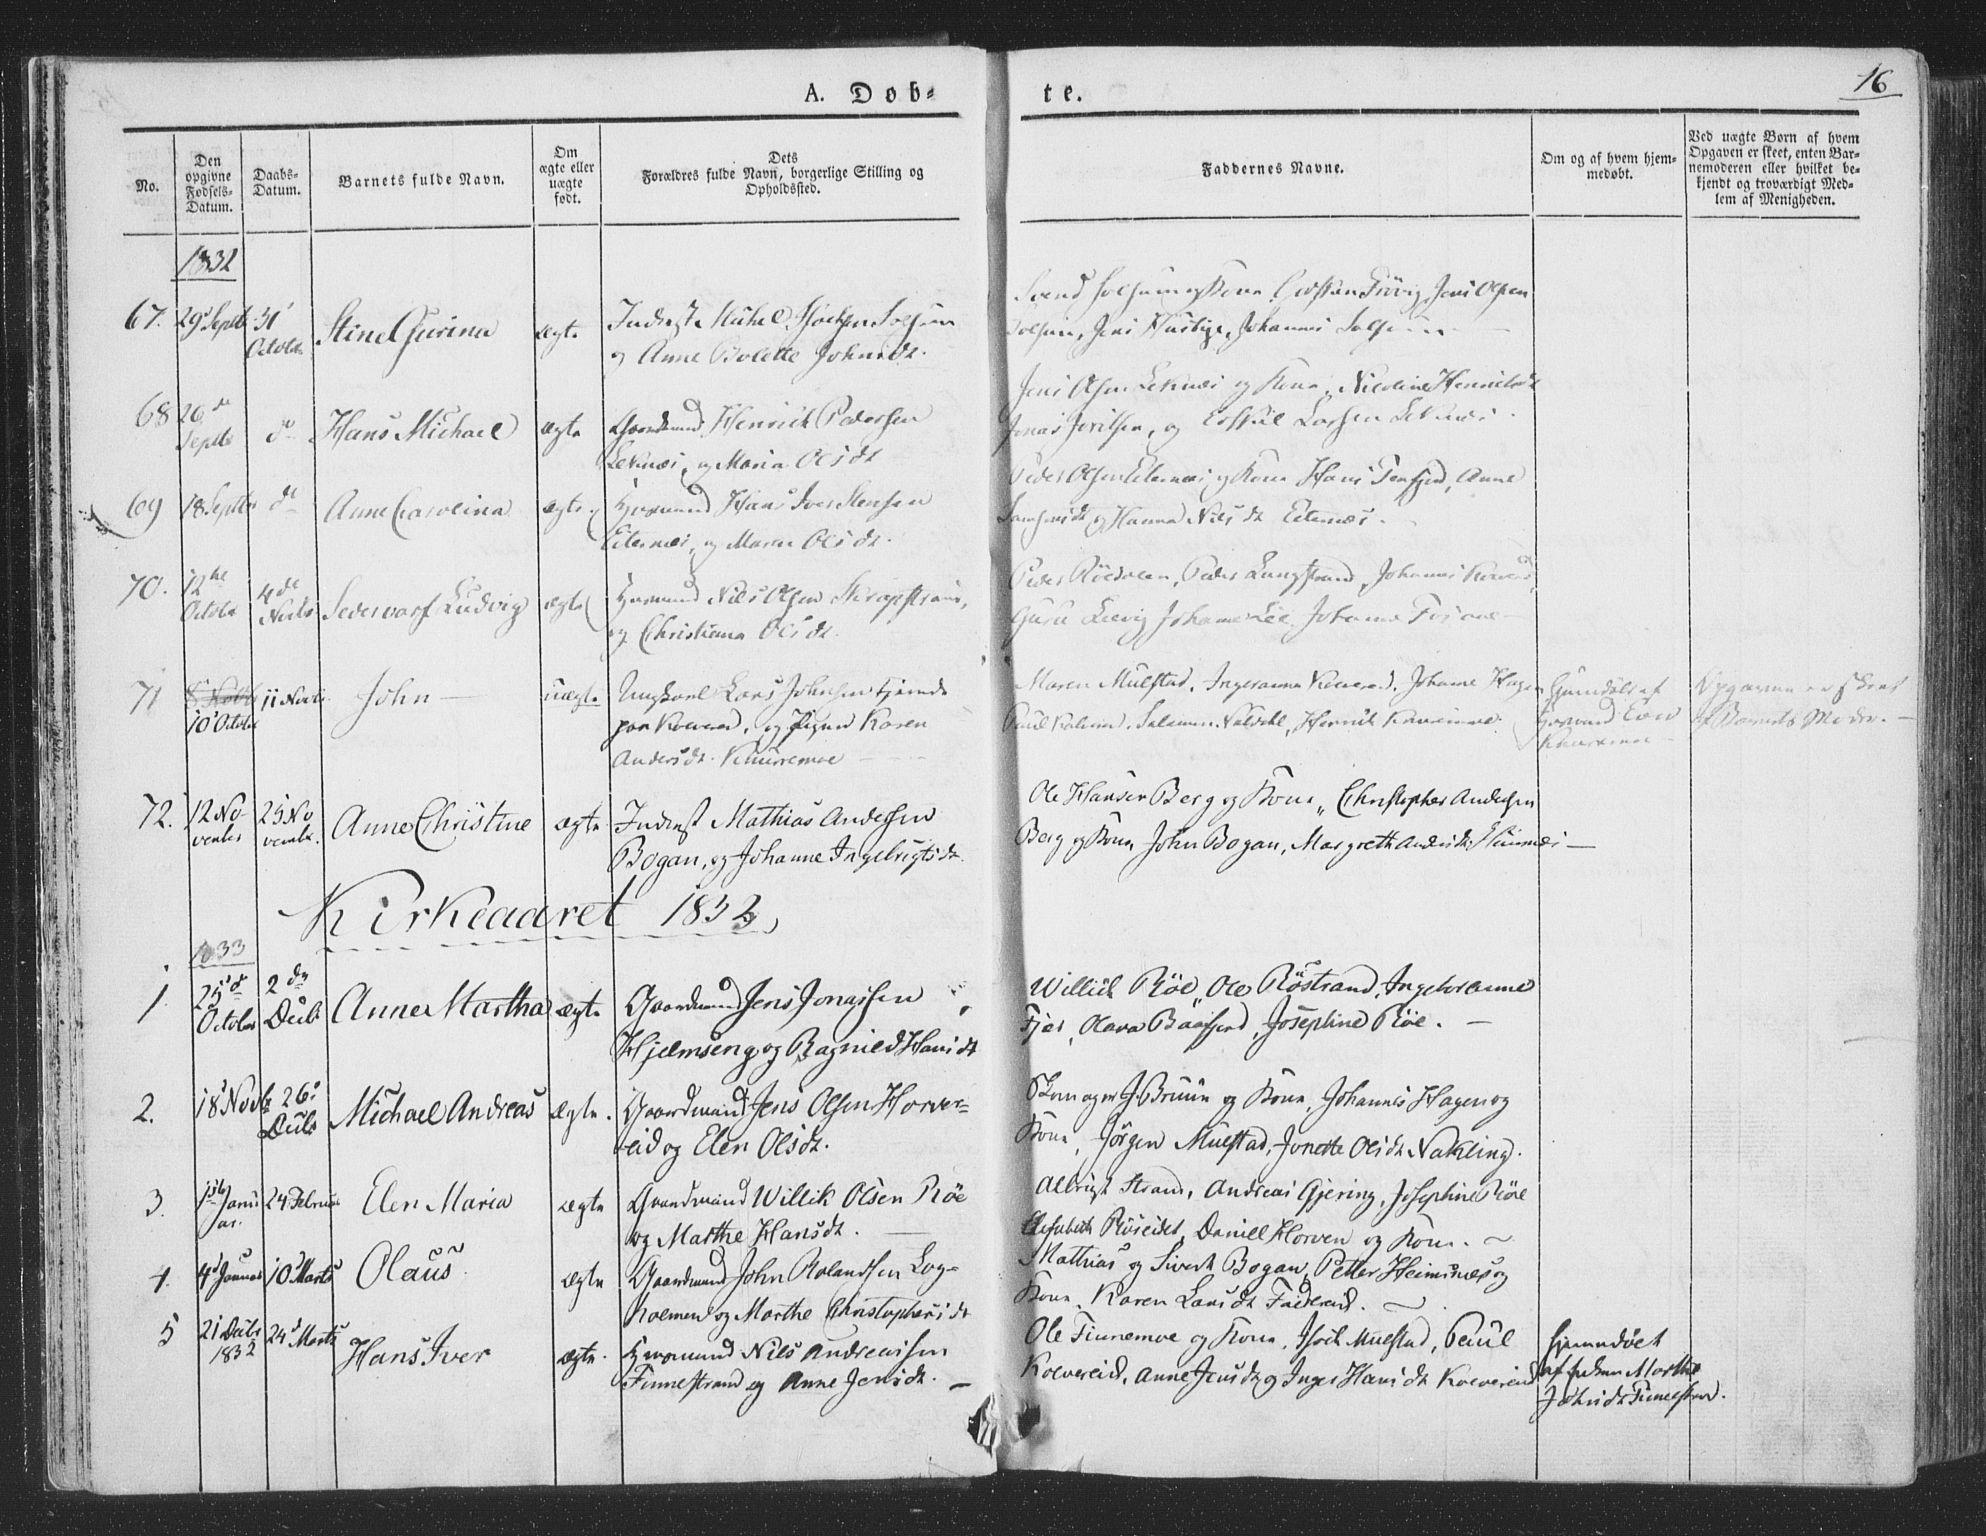 SAT, Ministerialprotokoller, klokkerbøker og fødselsregistre - Nord-Trøndelag, 780/L0639: Ministerialbok nr. 780A04, 1830-1844, s. 16